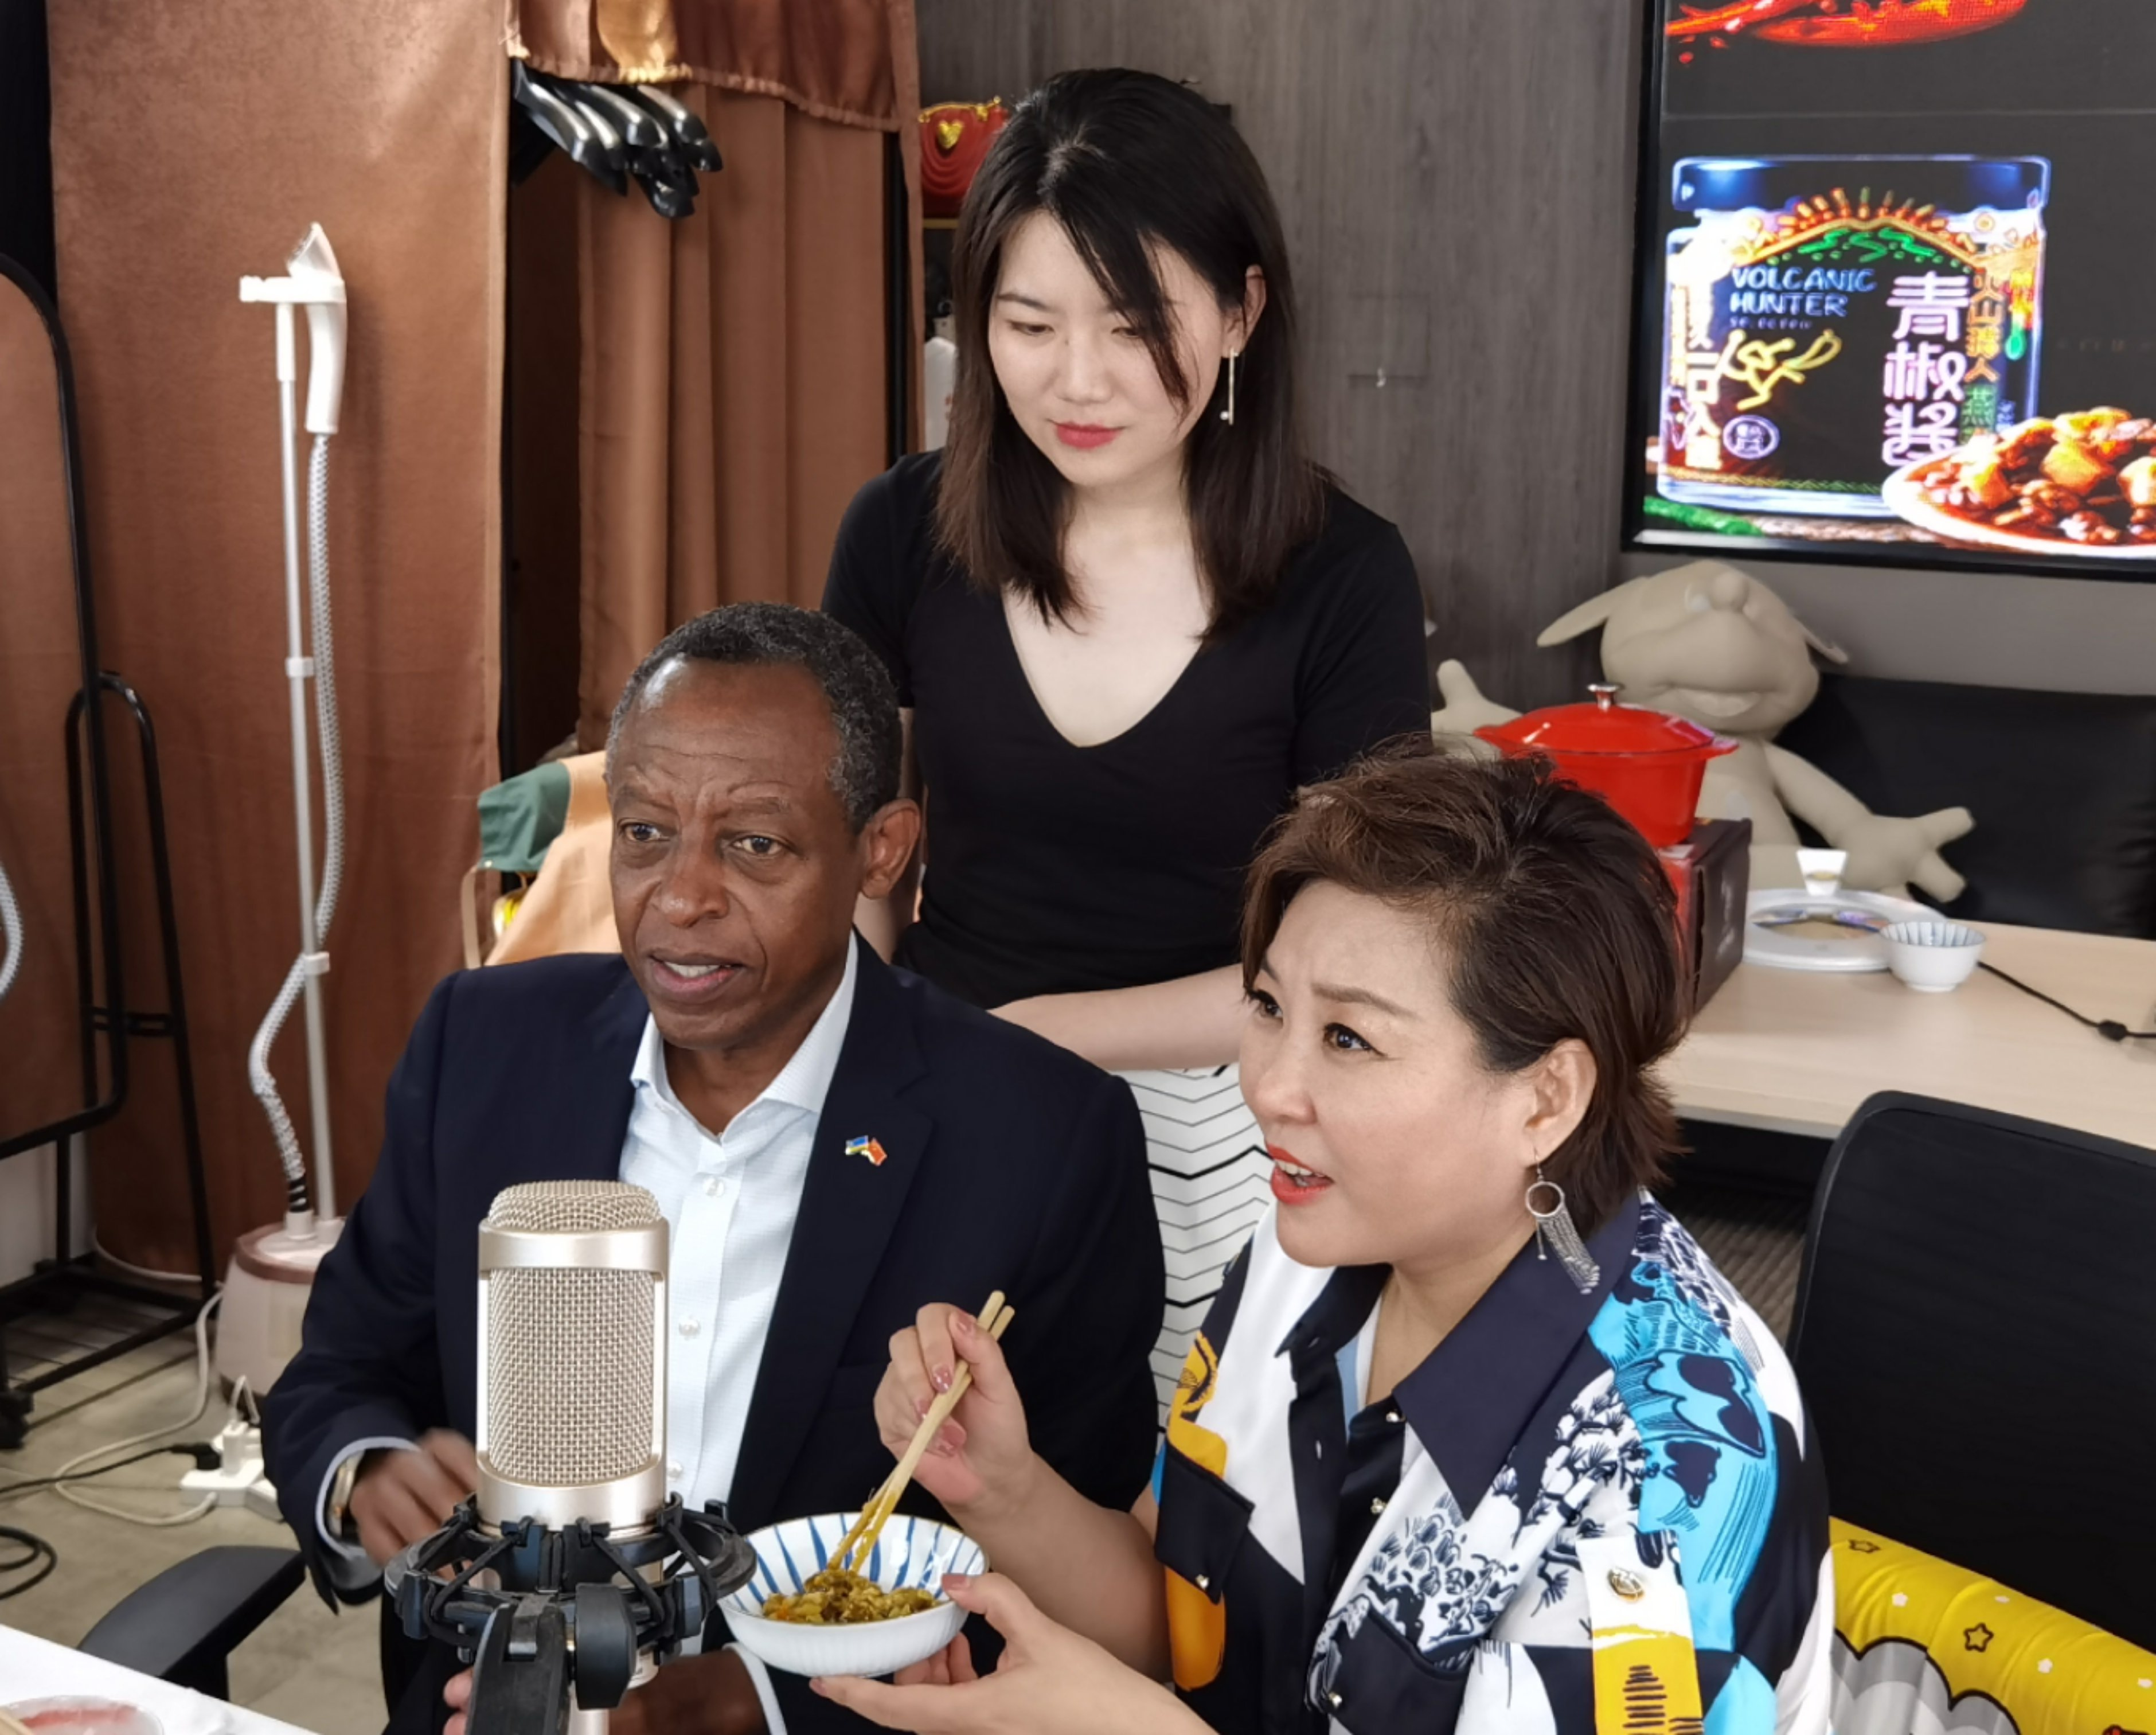 Rwanda's ambassador optimistic about e-commerce cooperation with China